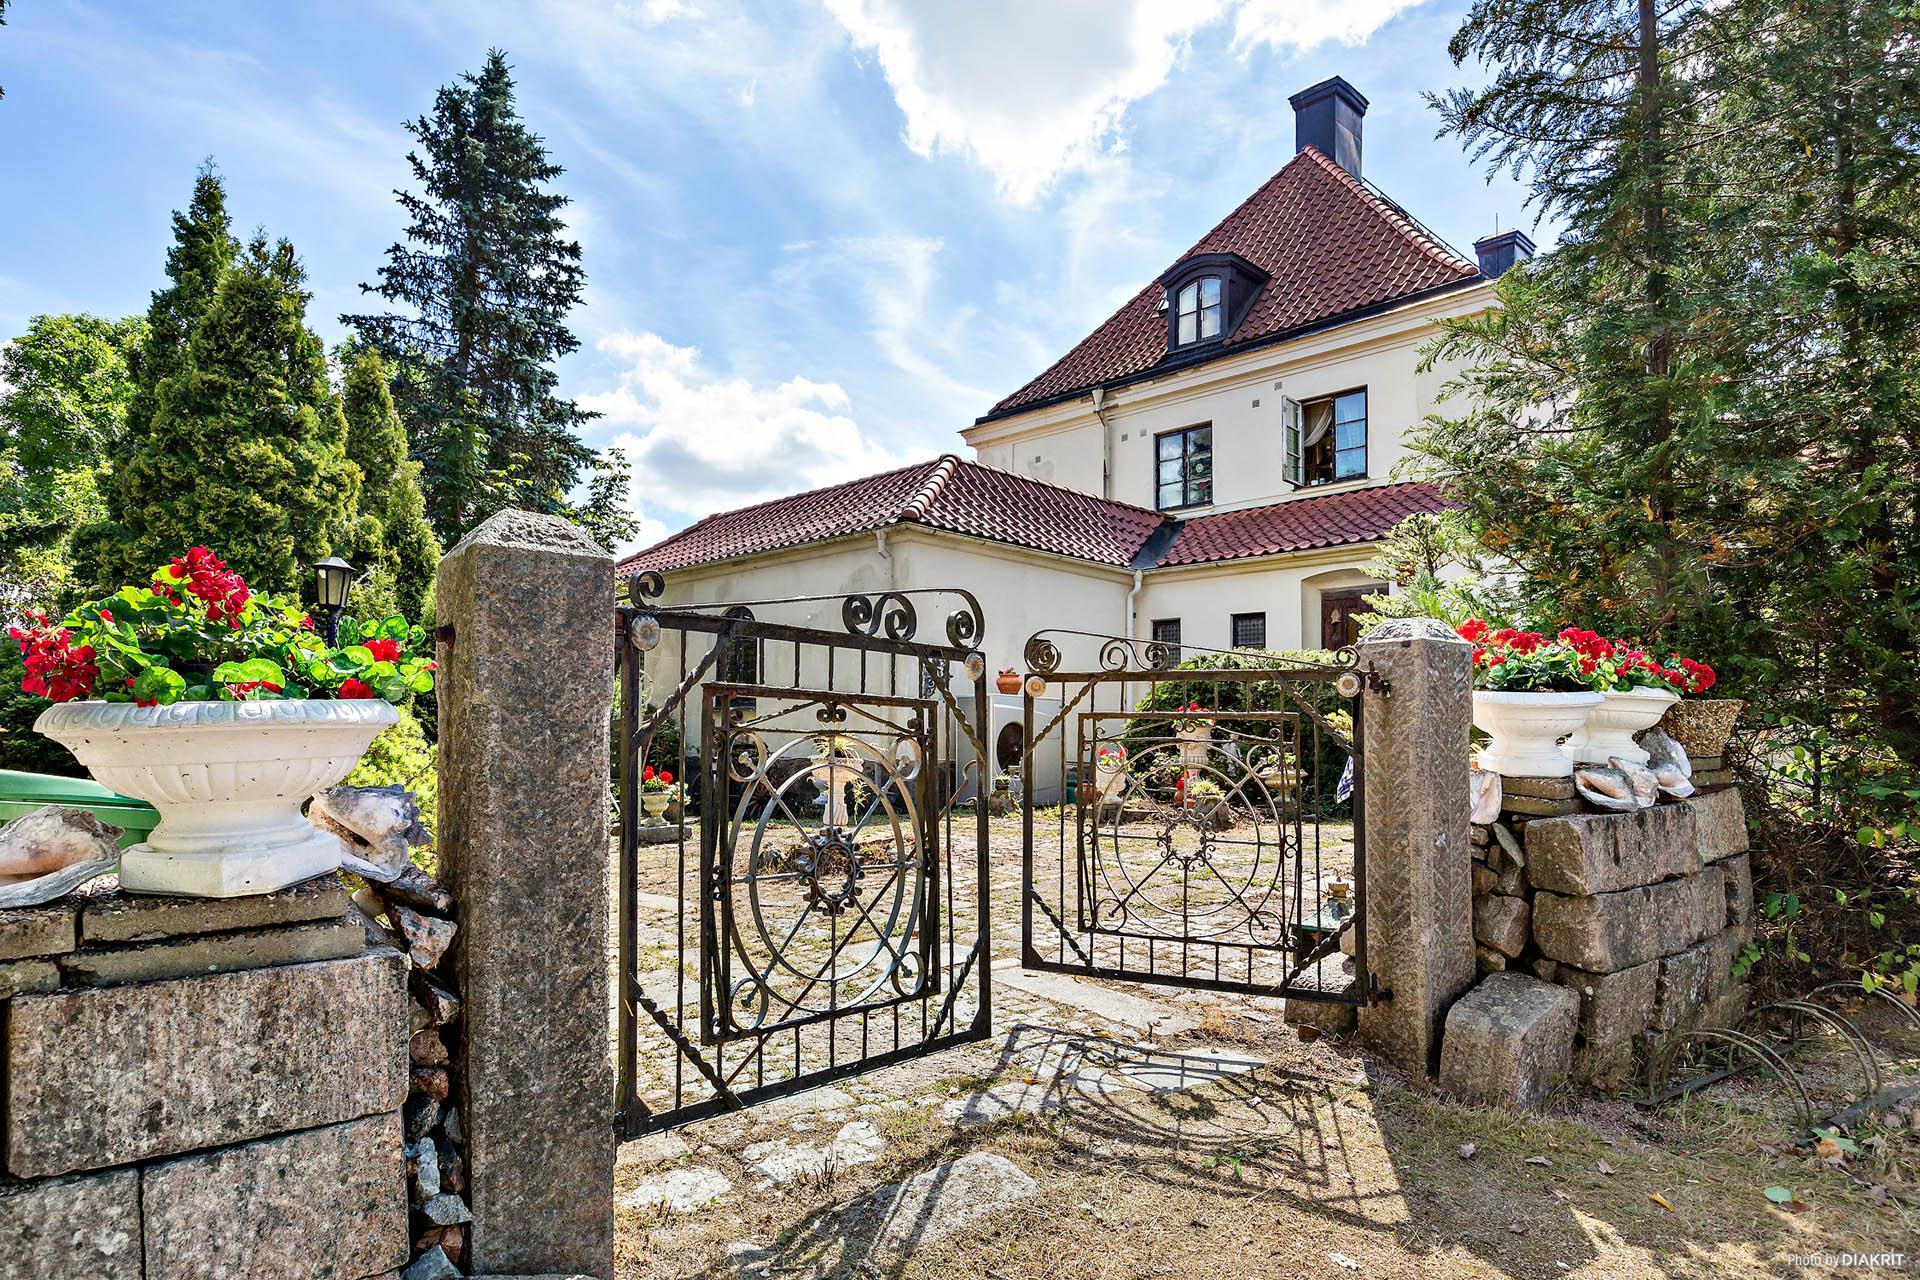 Välkommen till vackra Strömsbergsvägen 2!